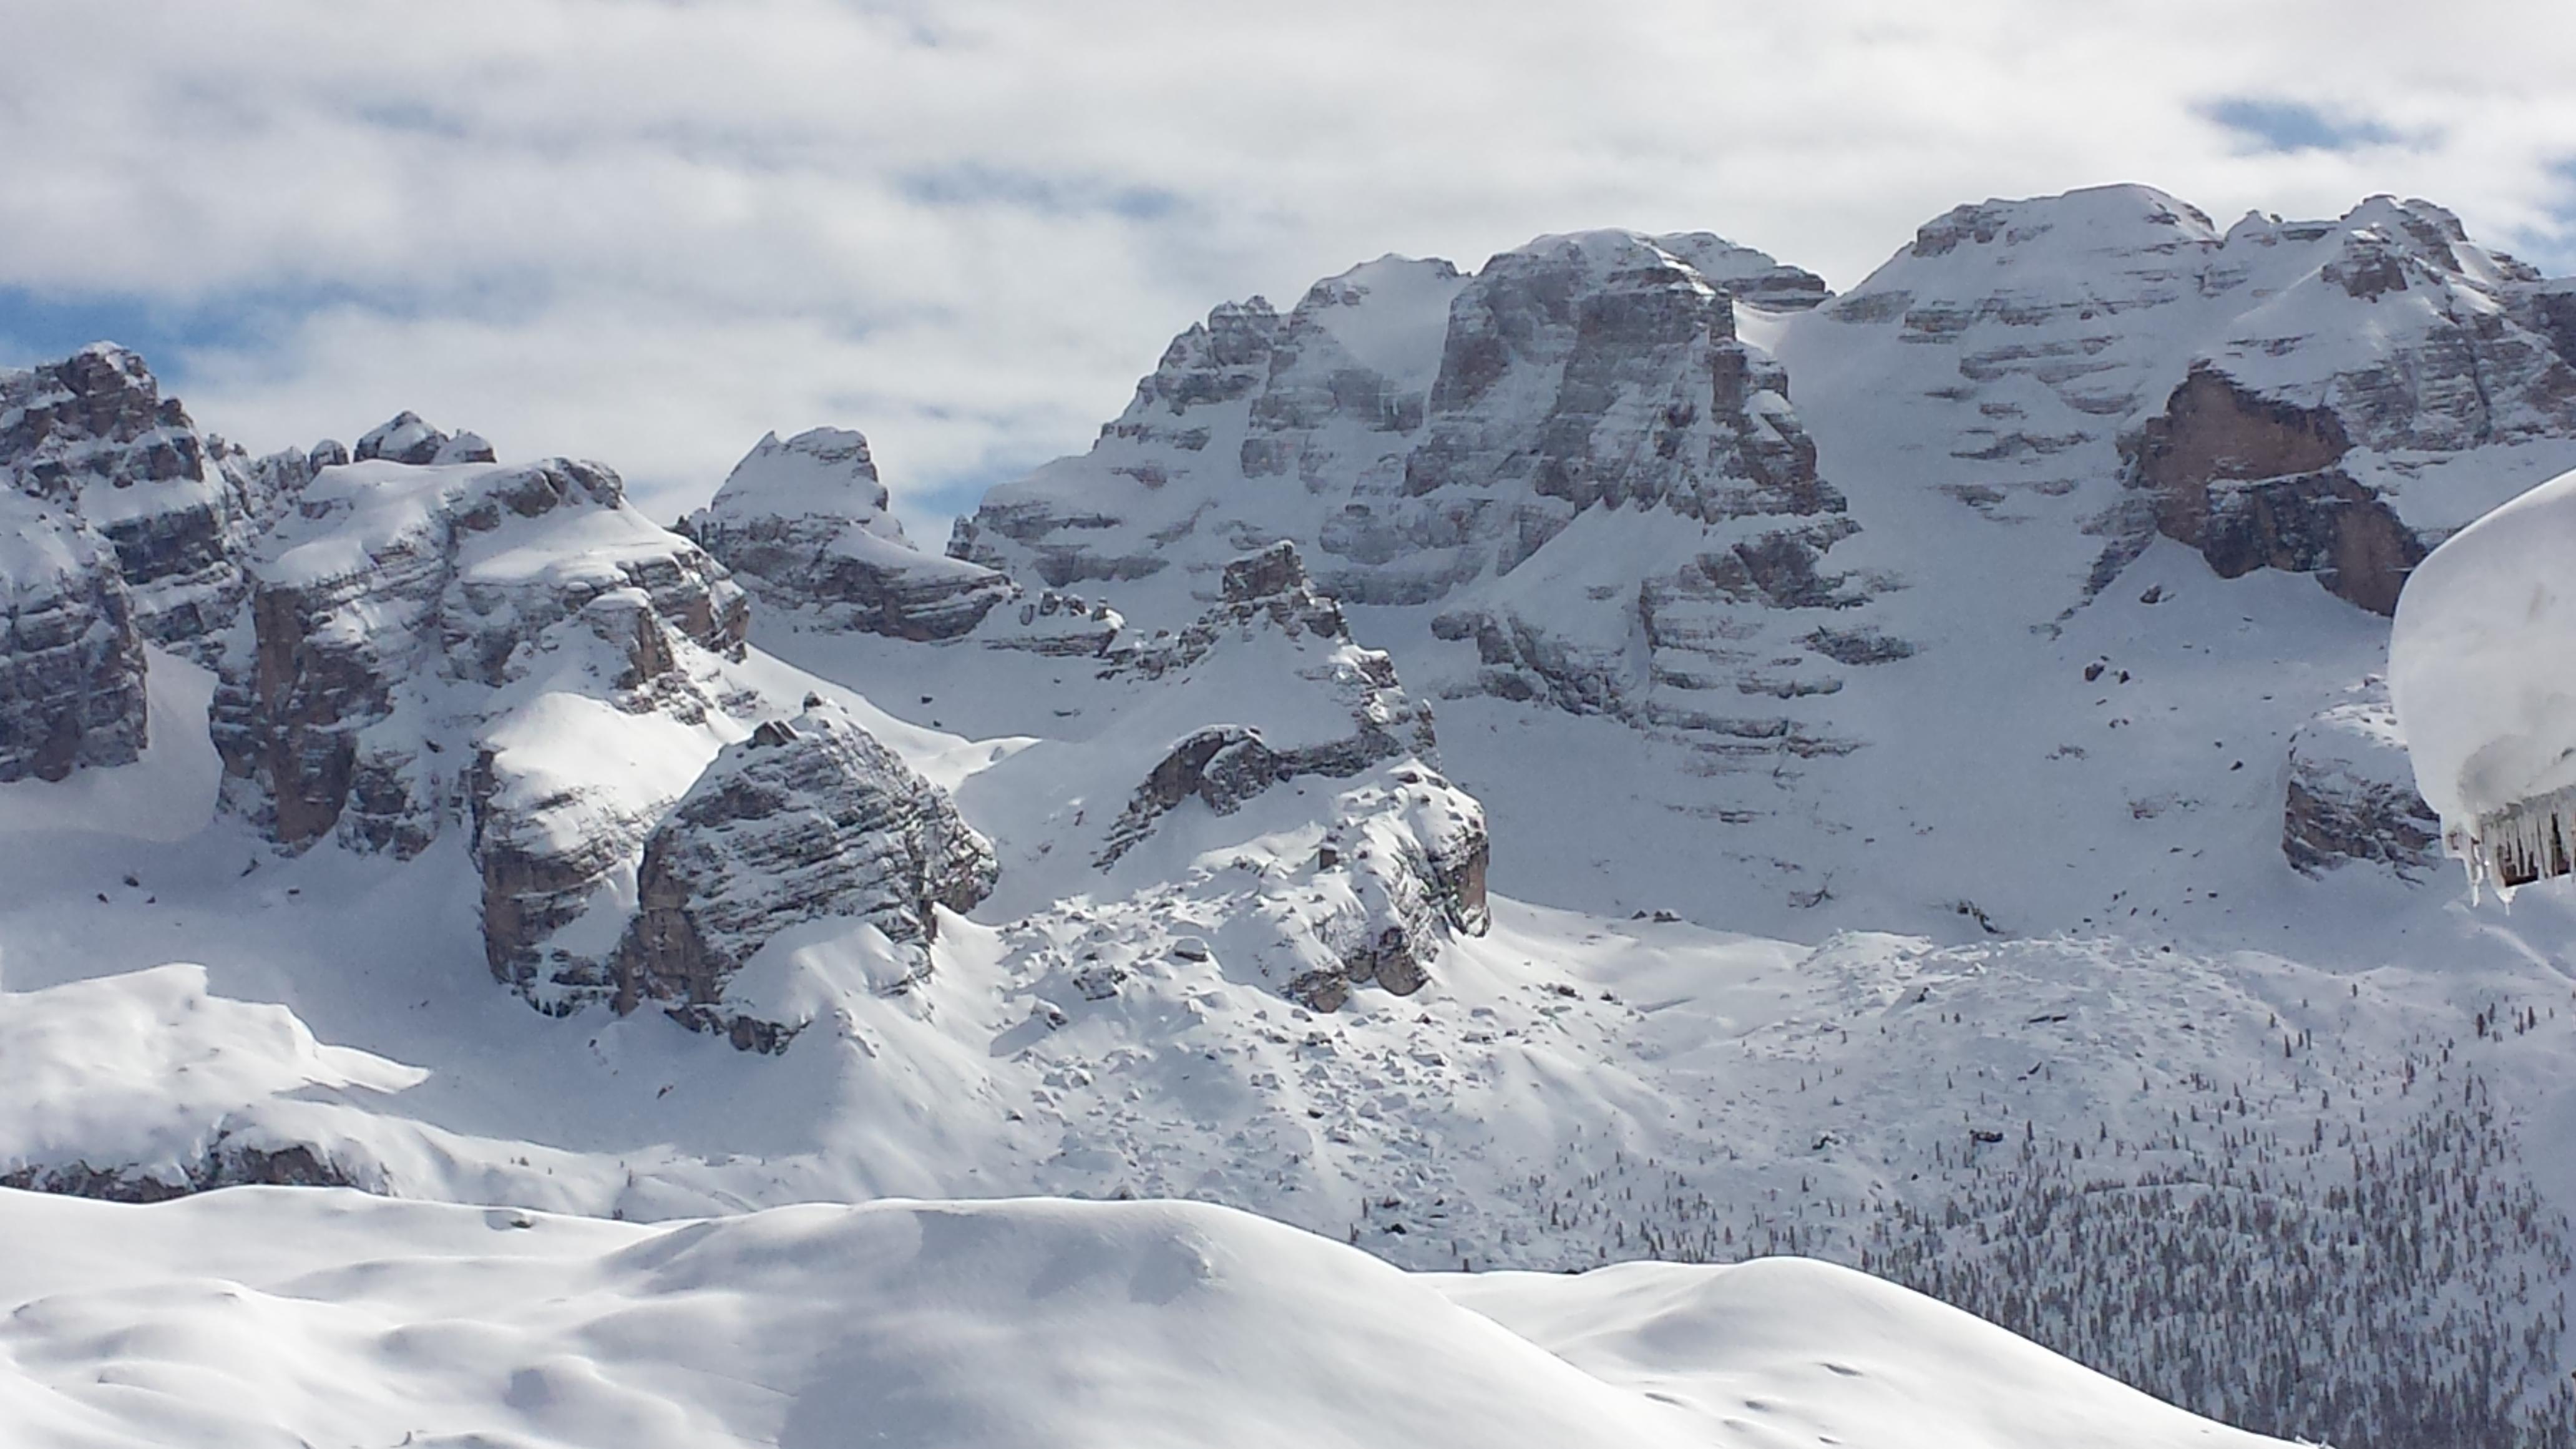 Dolomiti mountain scenery, Madonna di Campiglio